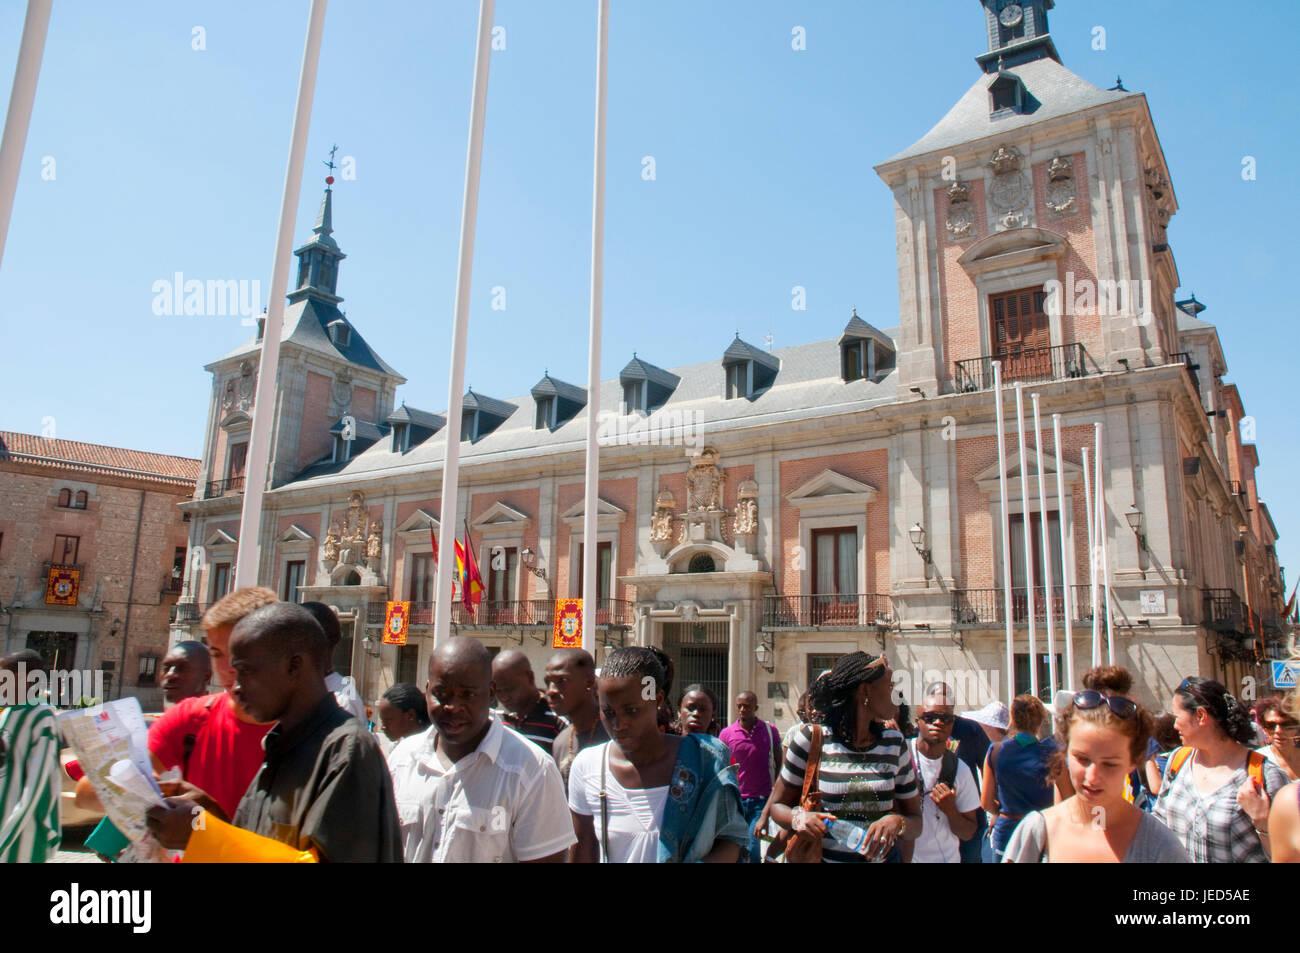 Los jóvenes en la Plaza de la Villa, la JMJ. Madrid, España. Imagen De Stock